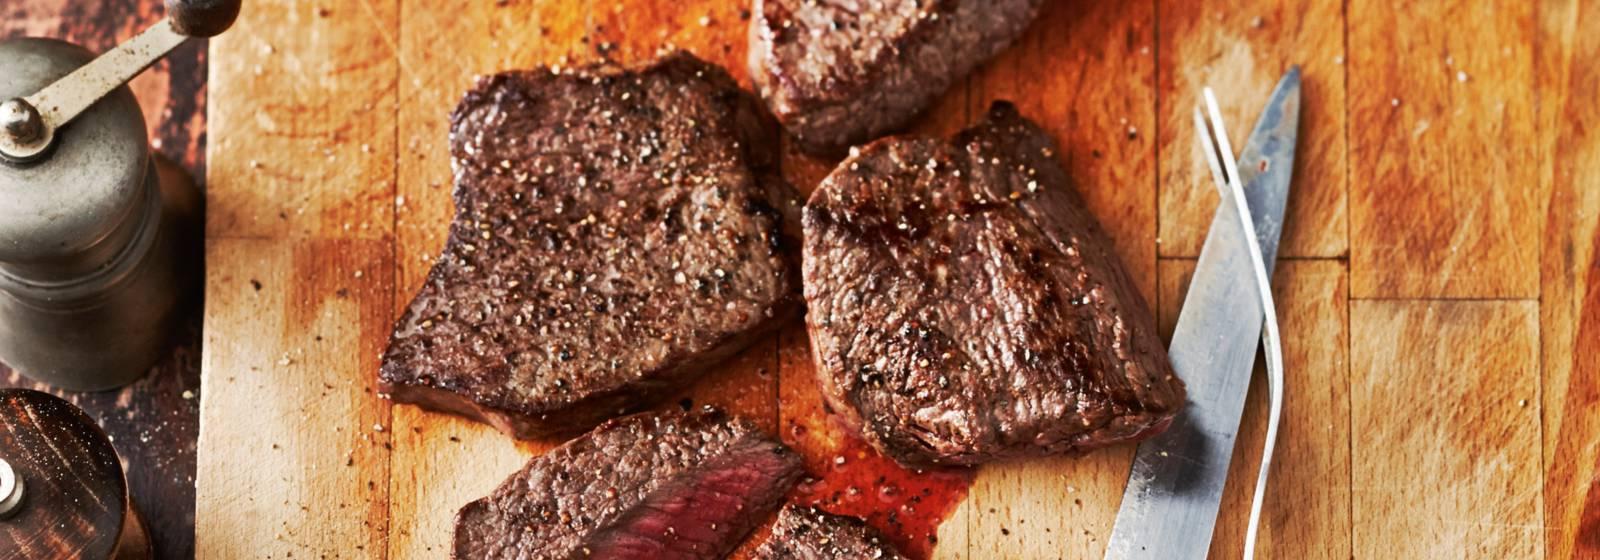 Bake steak